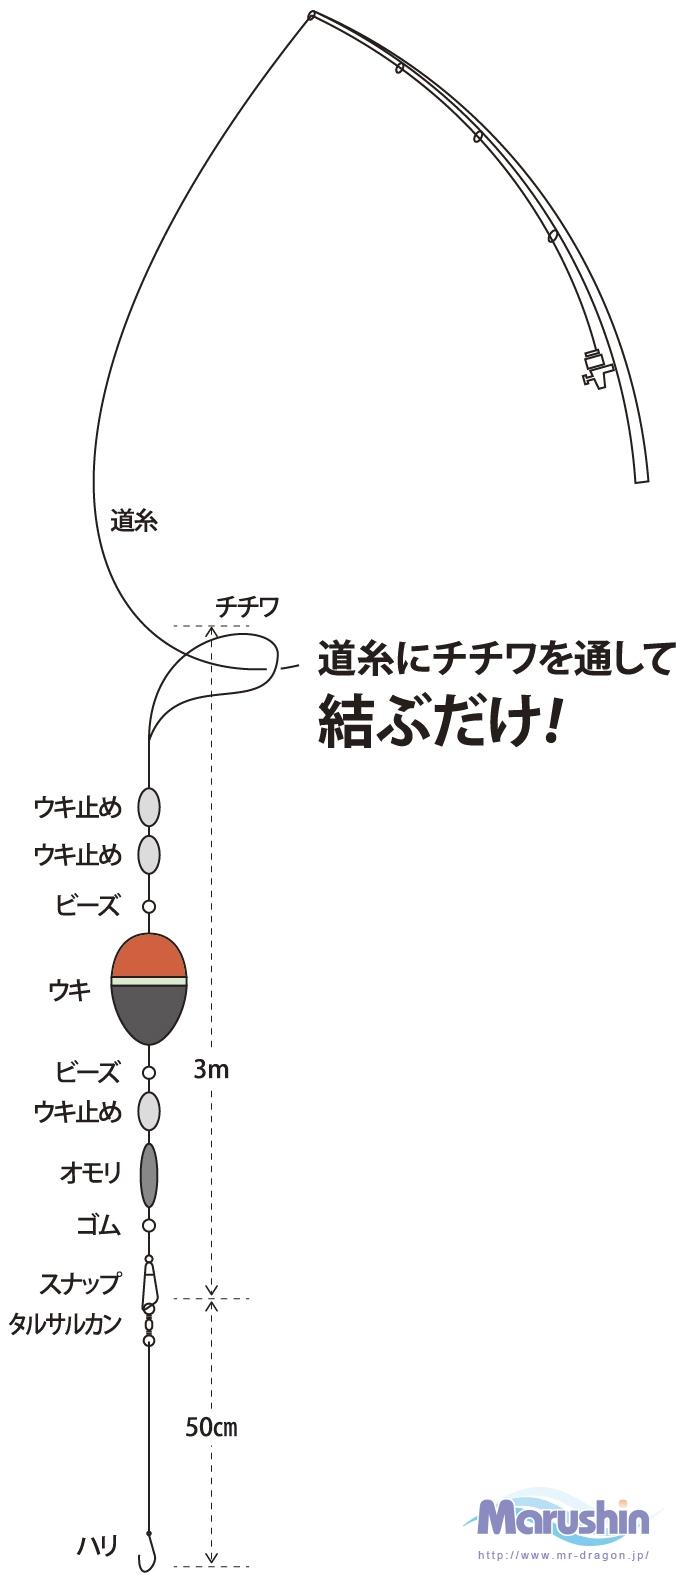 るんるん玉ウキセット(S,M,L)イメージ画像